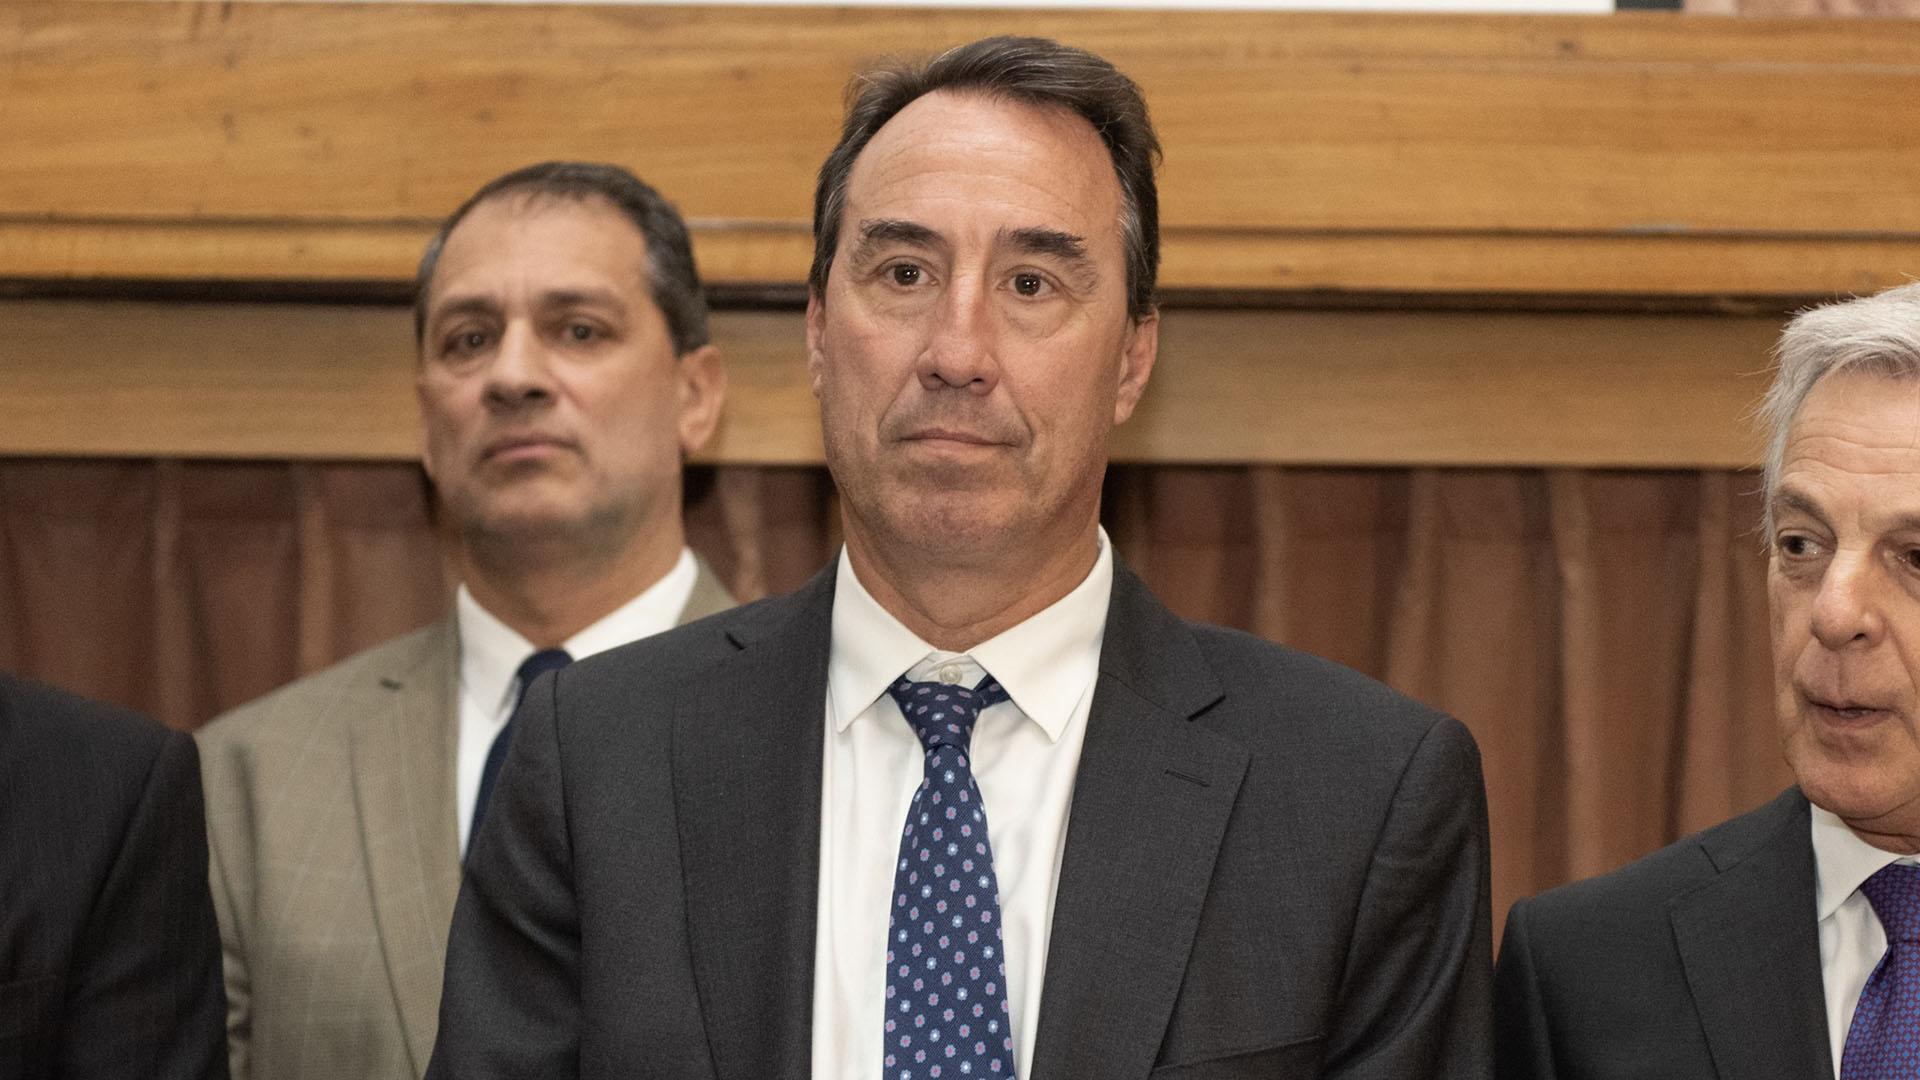 El camarista federal Mariano Llorens